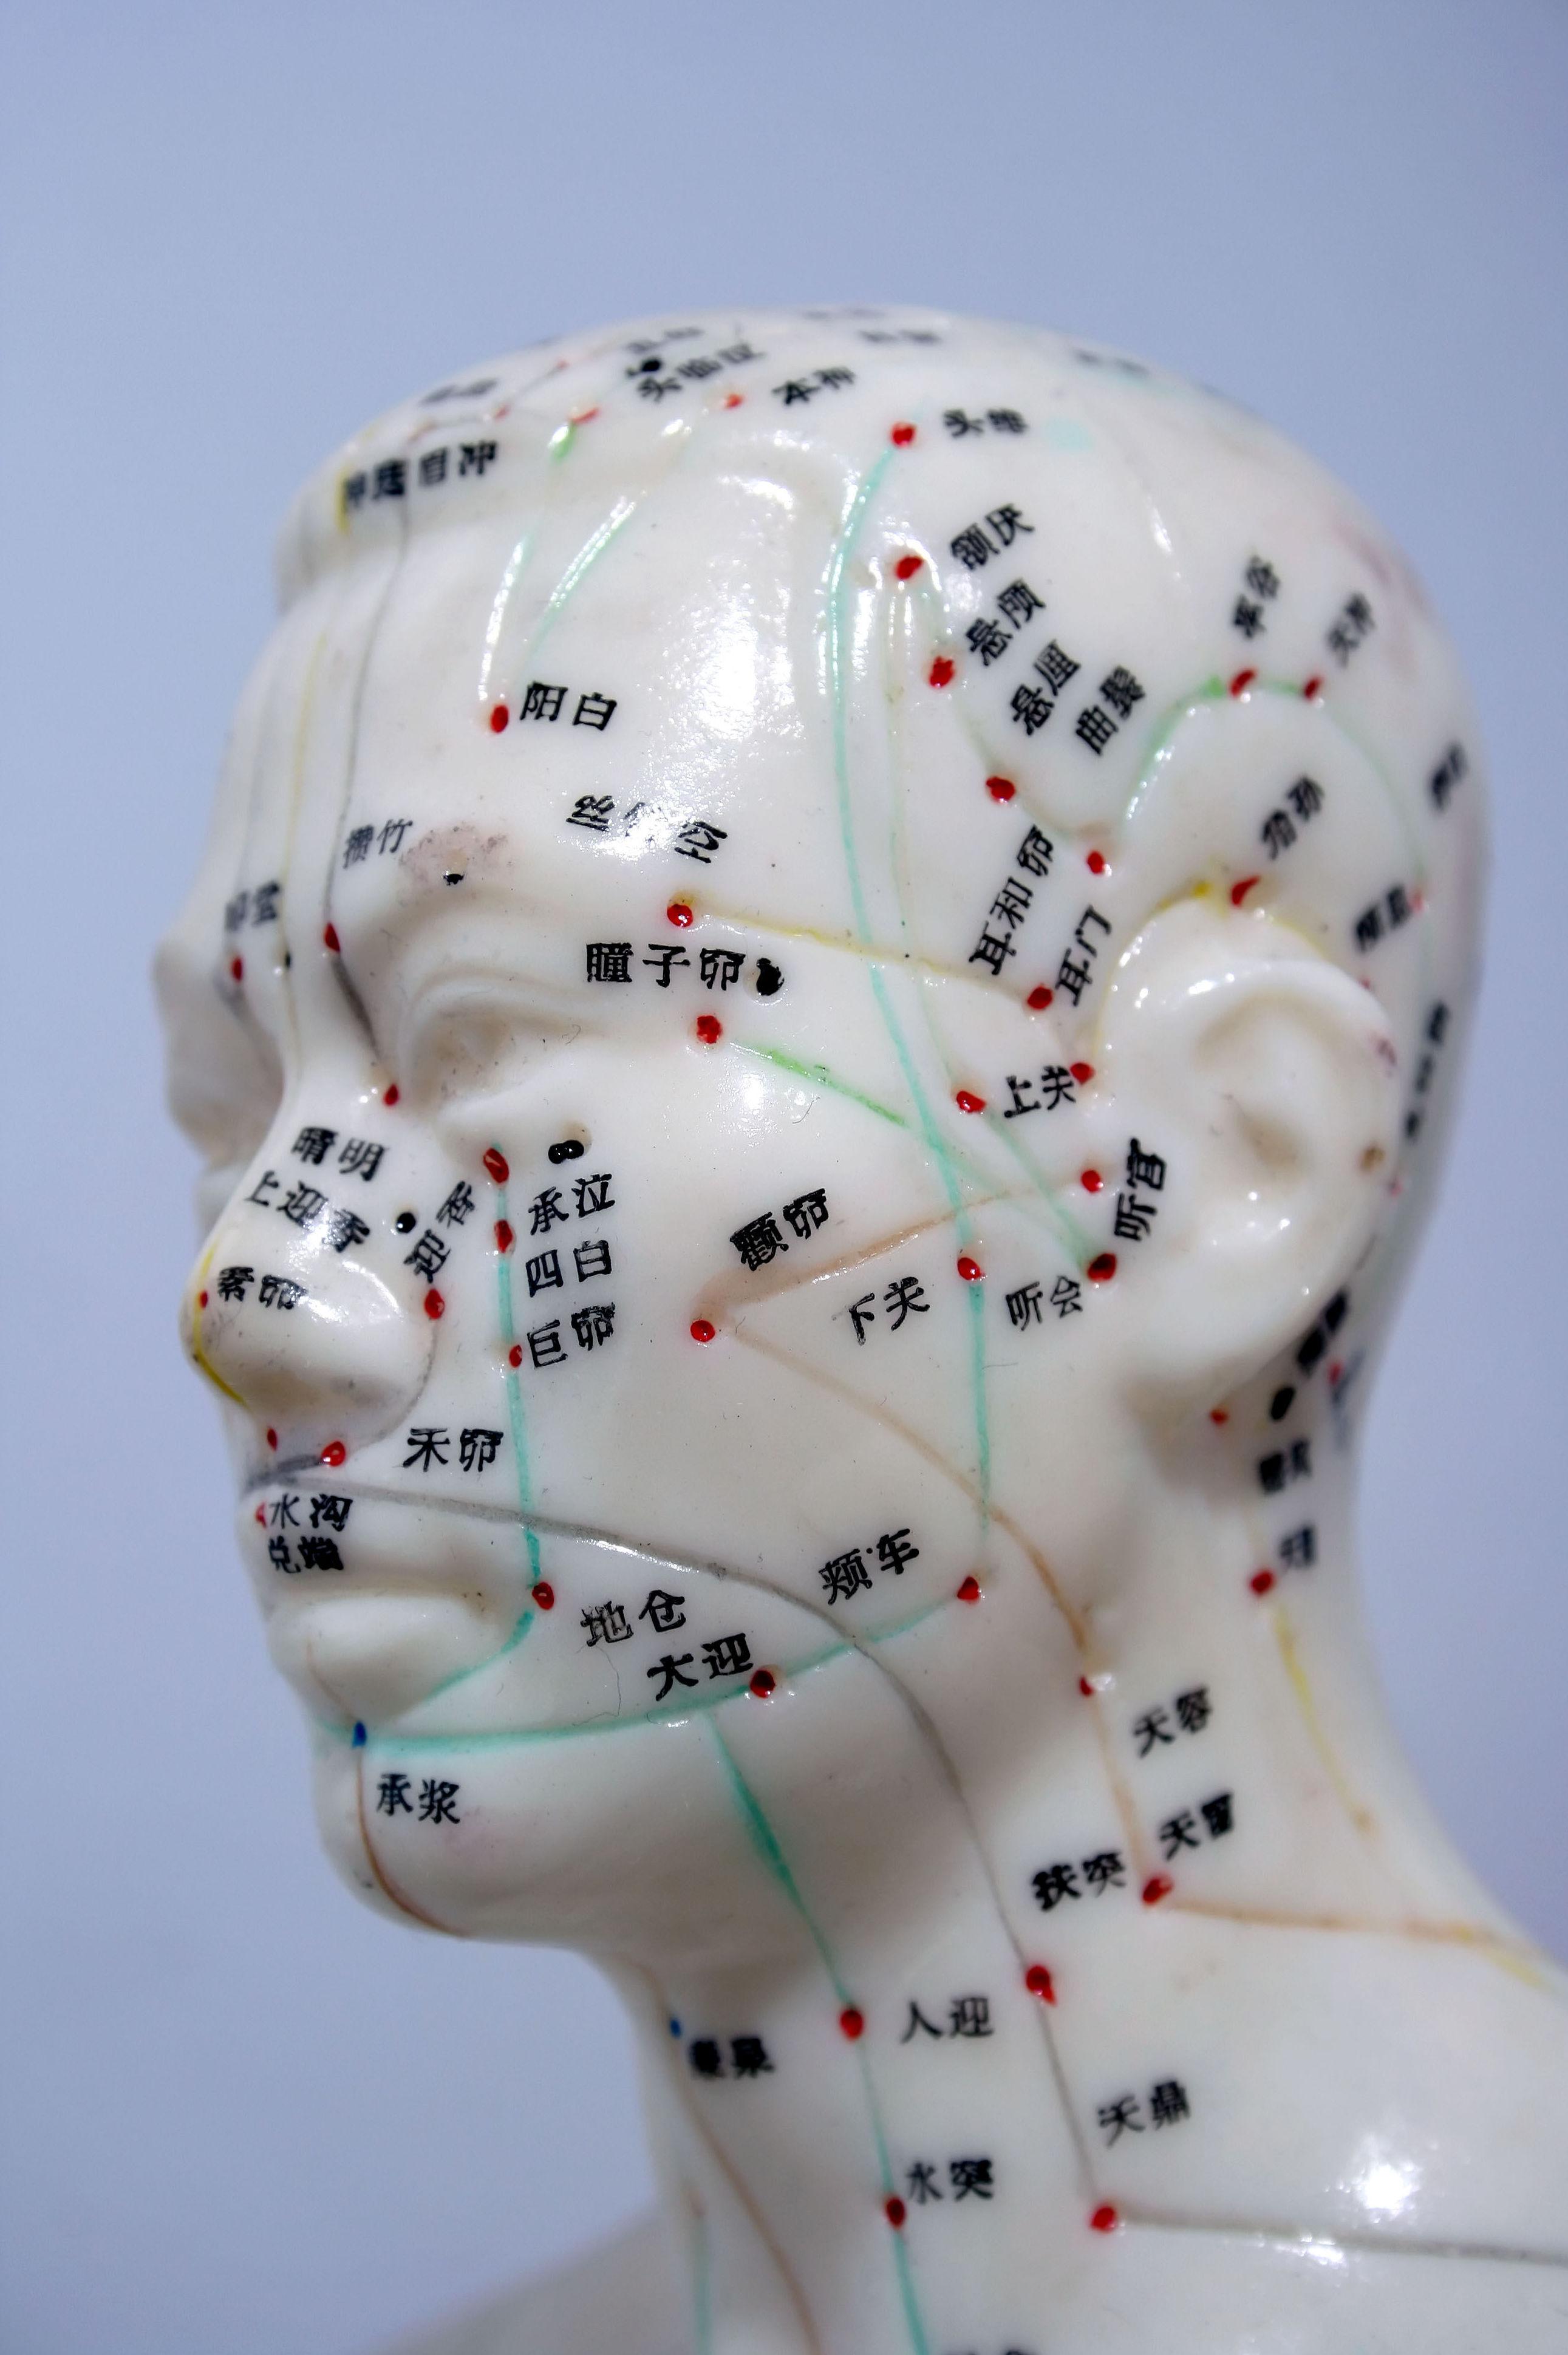 Alergias, acupuntura, fertilidad, ansiedad...